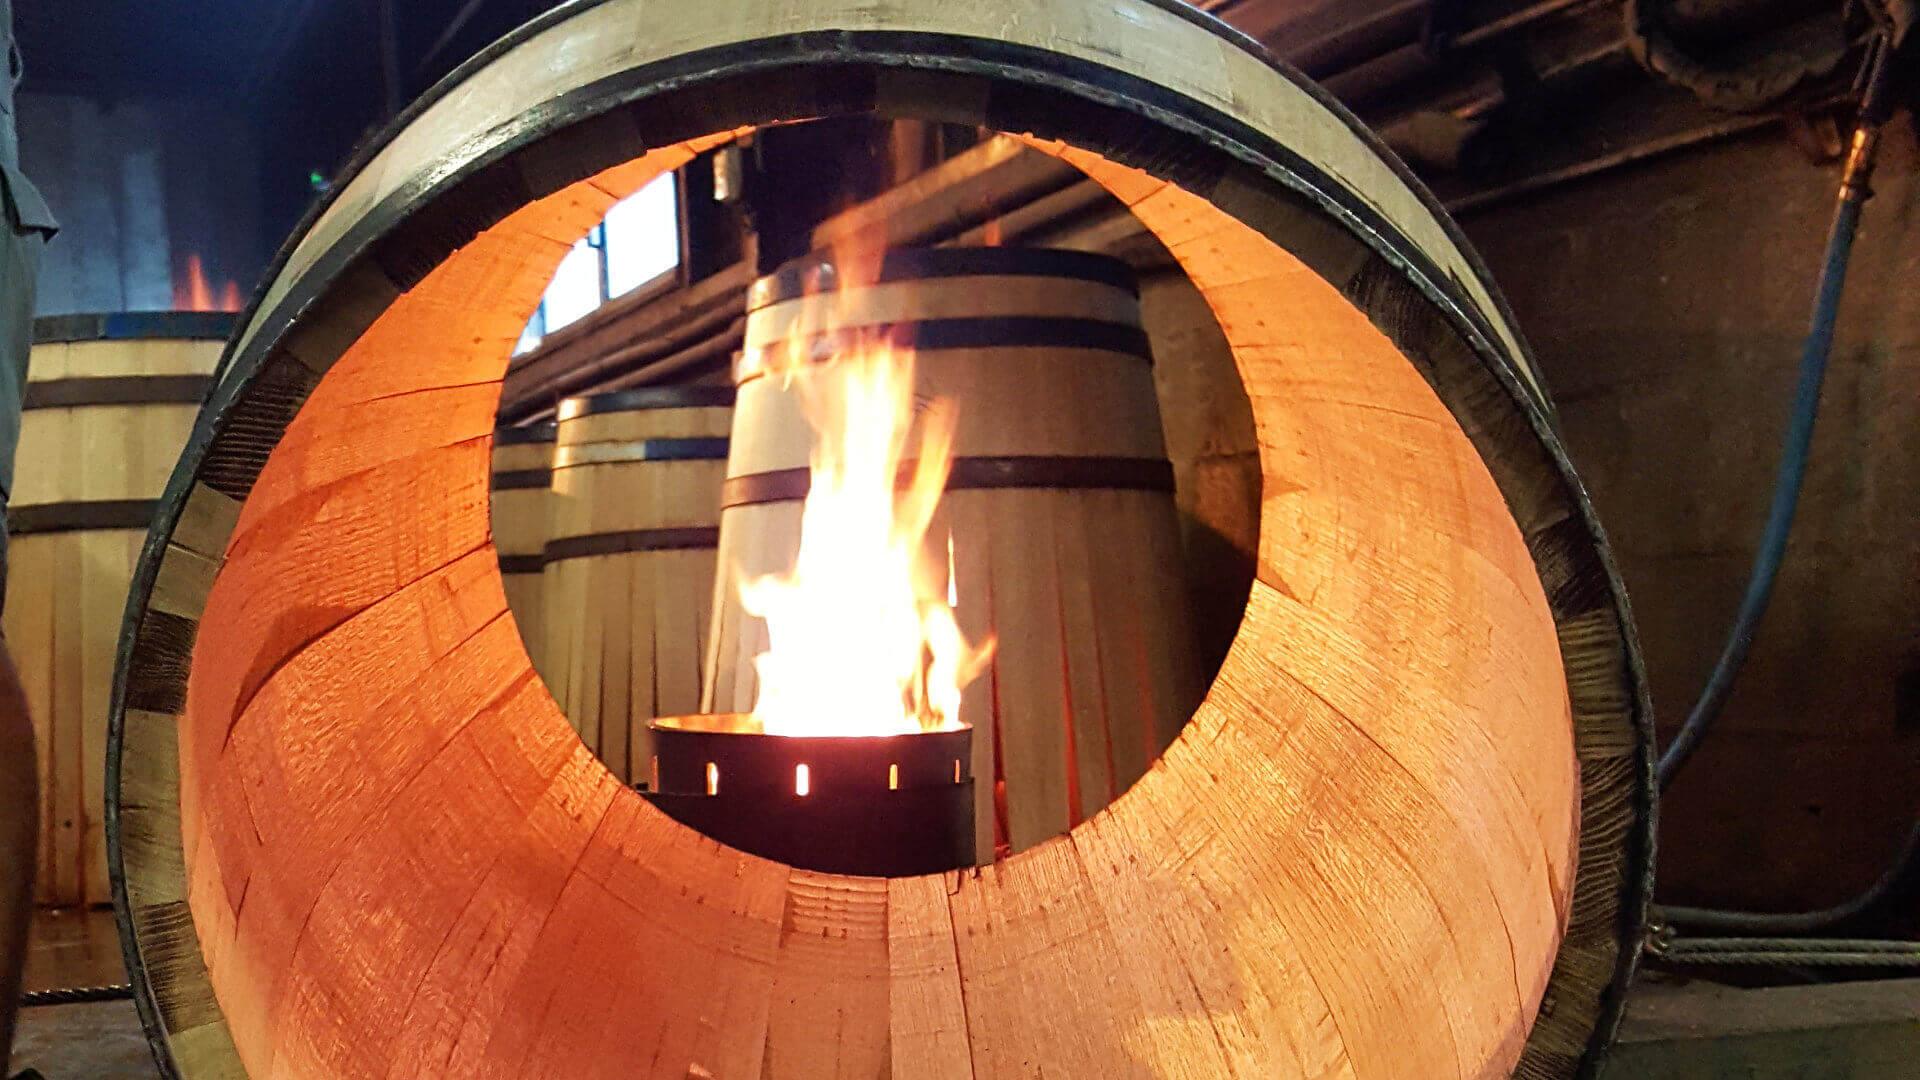 Des artisans indispensables au cognac - La visite d'une tonnellerie en activité